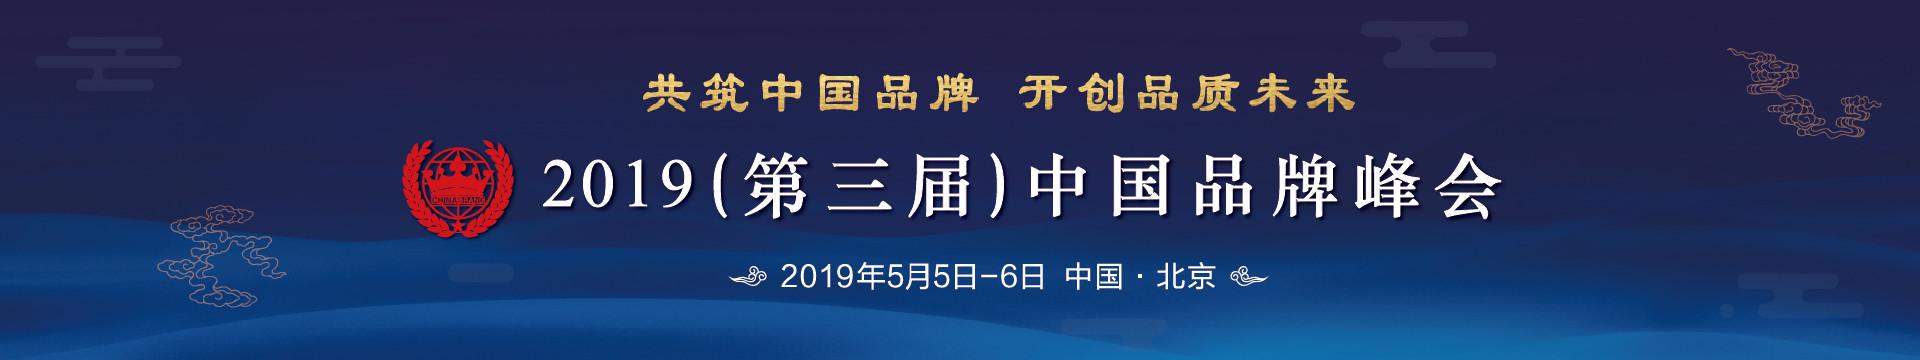 2019(第三届)中国品?#21697;?#20250; | 北京